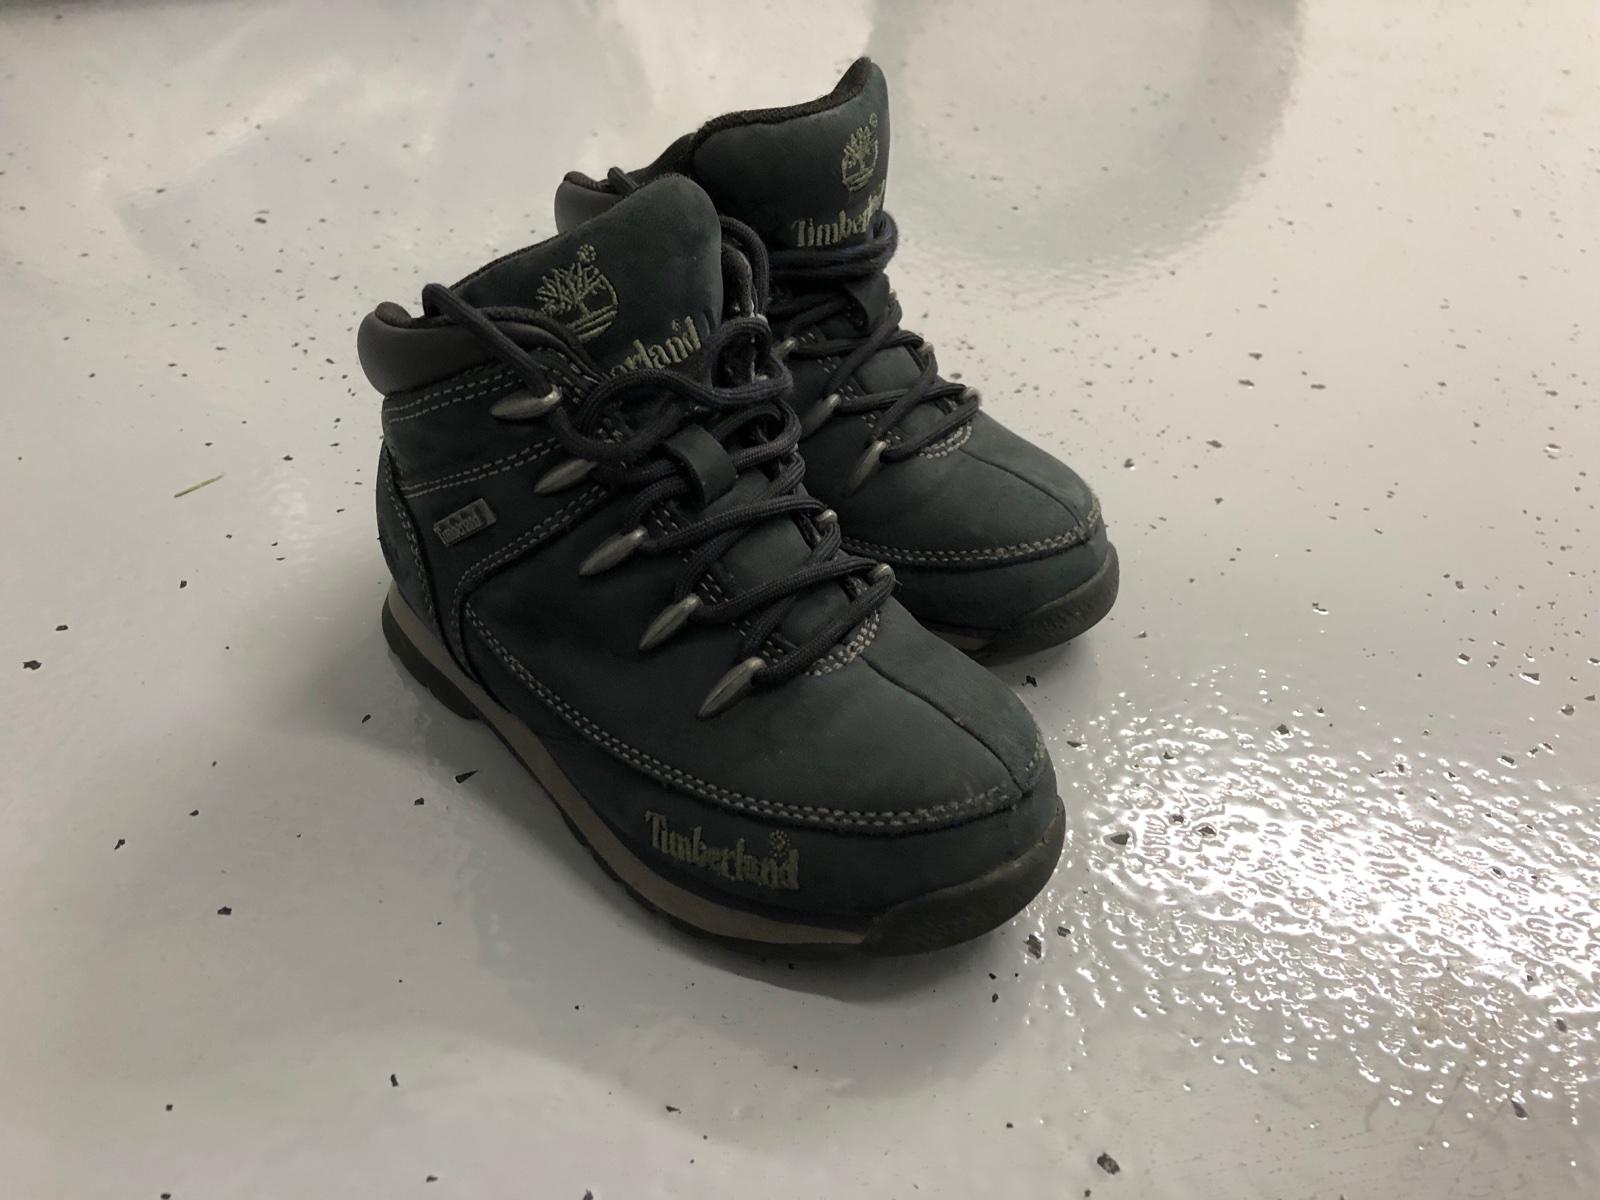 b98231236 Zimné topánky timberland, timberland,30 - 22 € od predávajúcej lennia |  Detský bazár | ModryKonik.sk